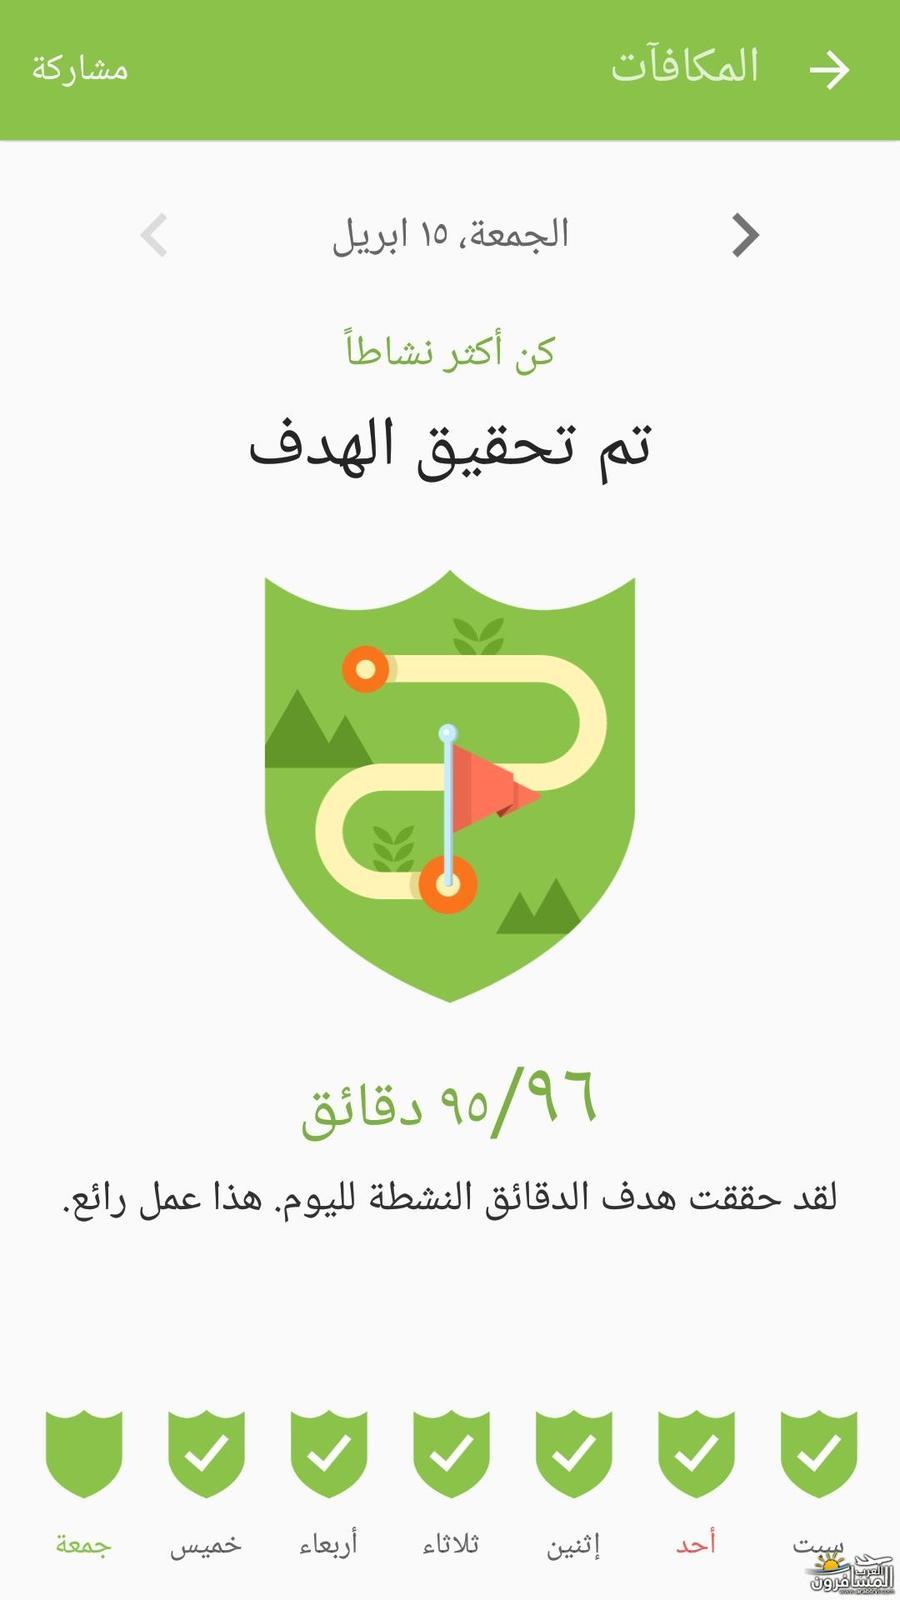 arabtrvl1466771741036.jpg